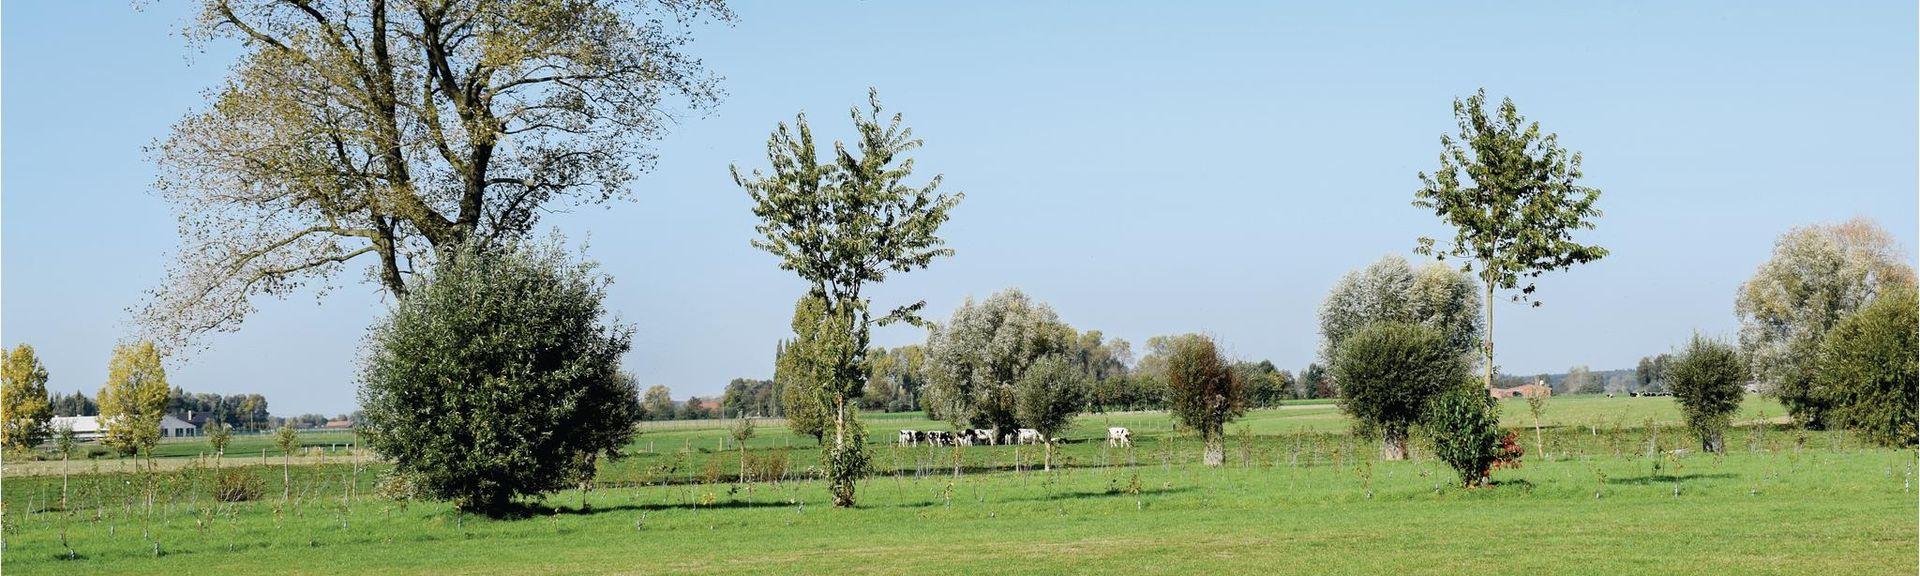 Maldegem, Região Flamenca, Bélgica